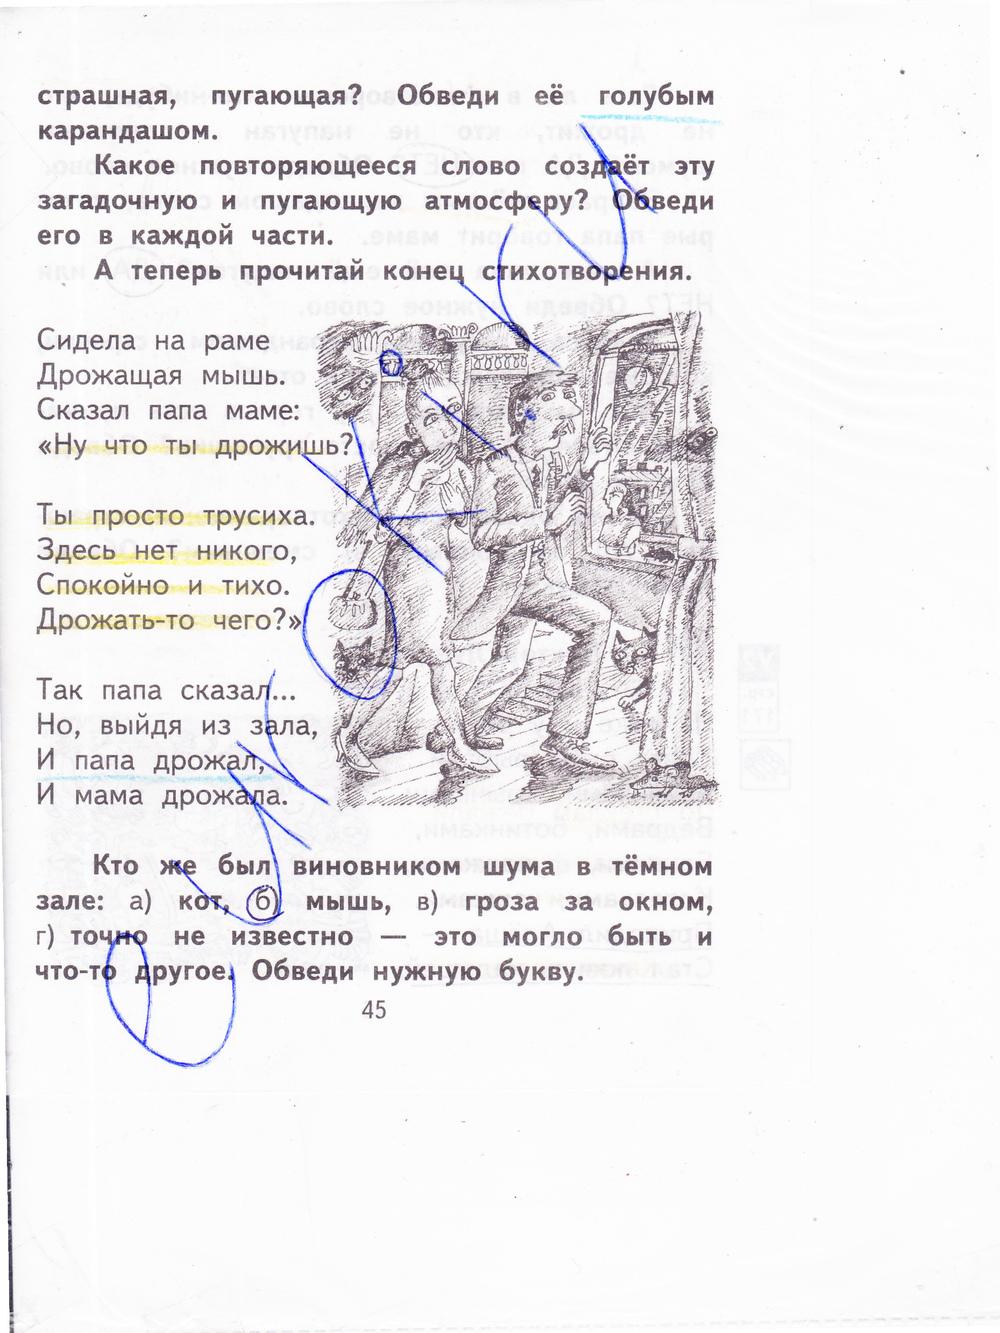 ГДЗ по литературному чтению 2 класс рабочая тетрадь Малаховская Часть 1, 2. Задание: стр. 45